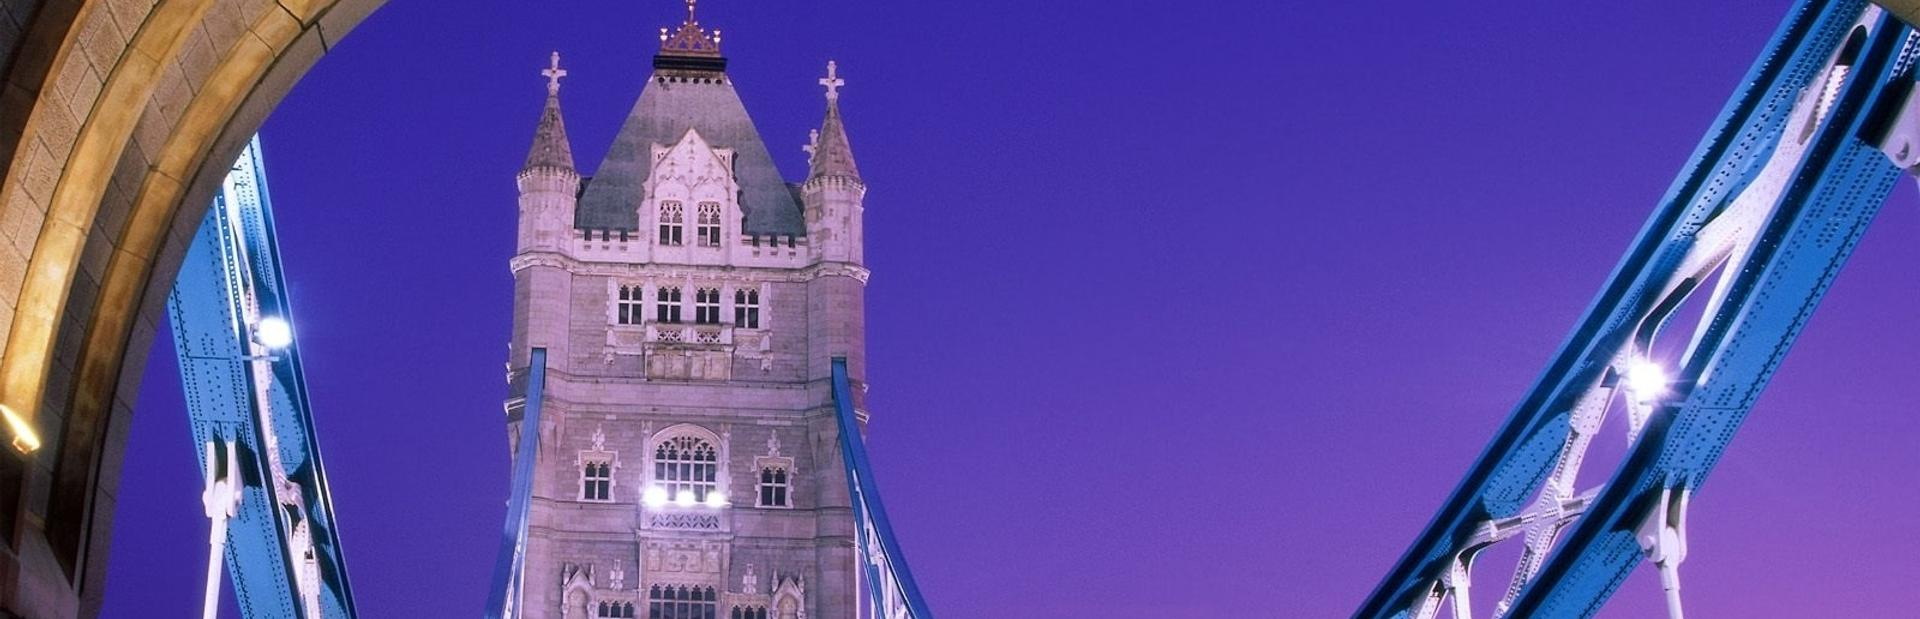 England photo tour